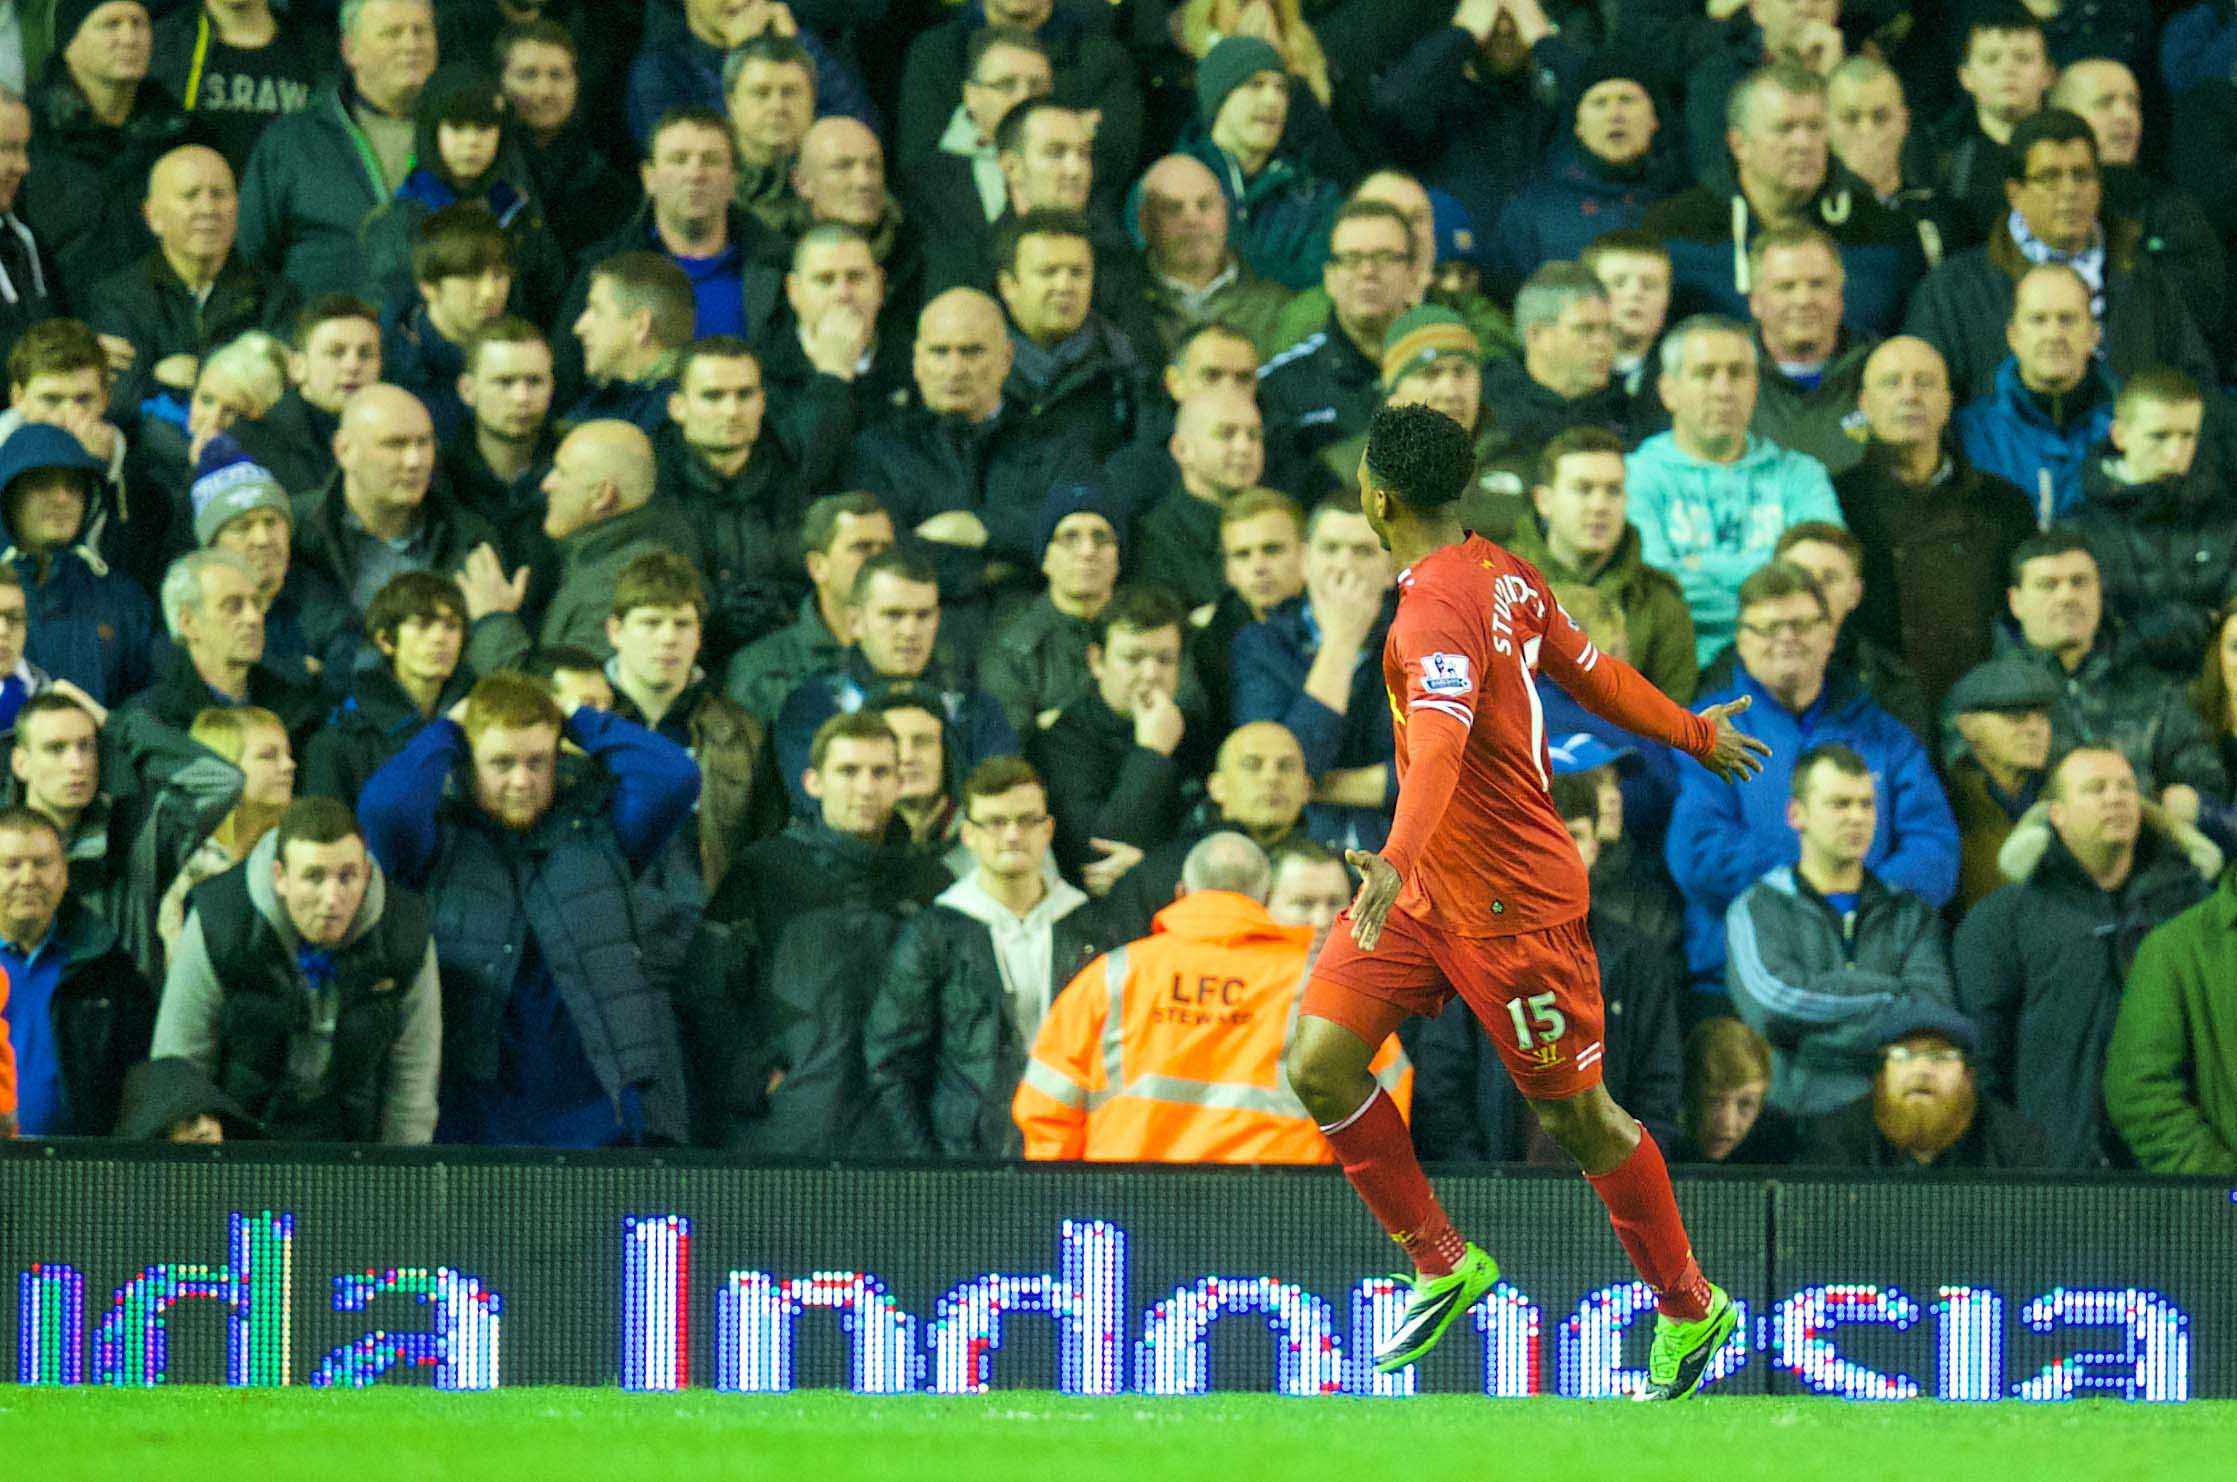 Football - FA Premier League - Liverpool FC v Everton FC